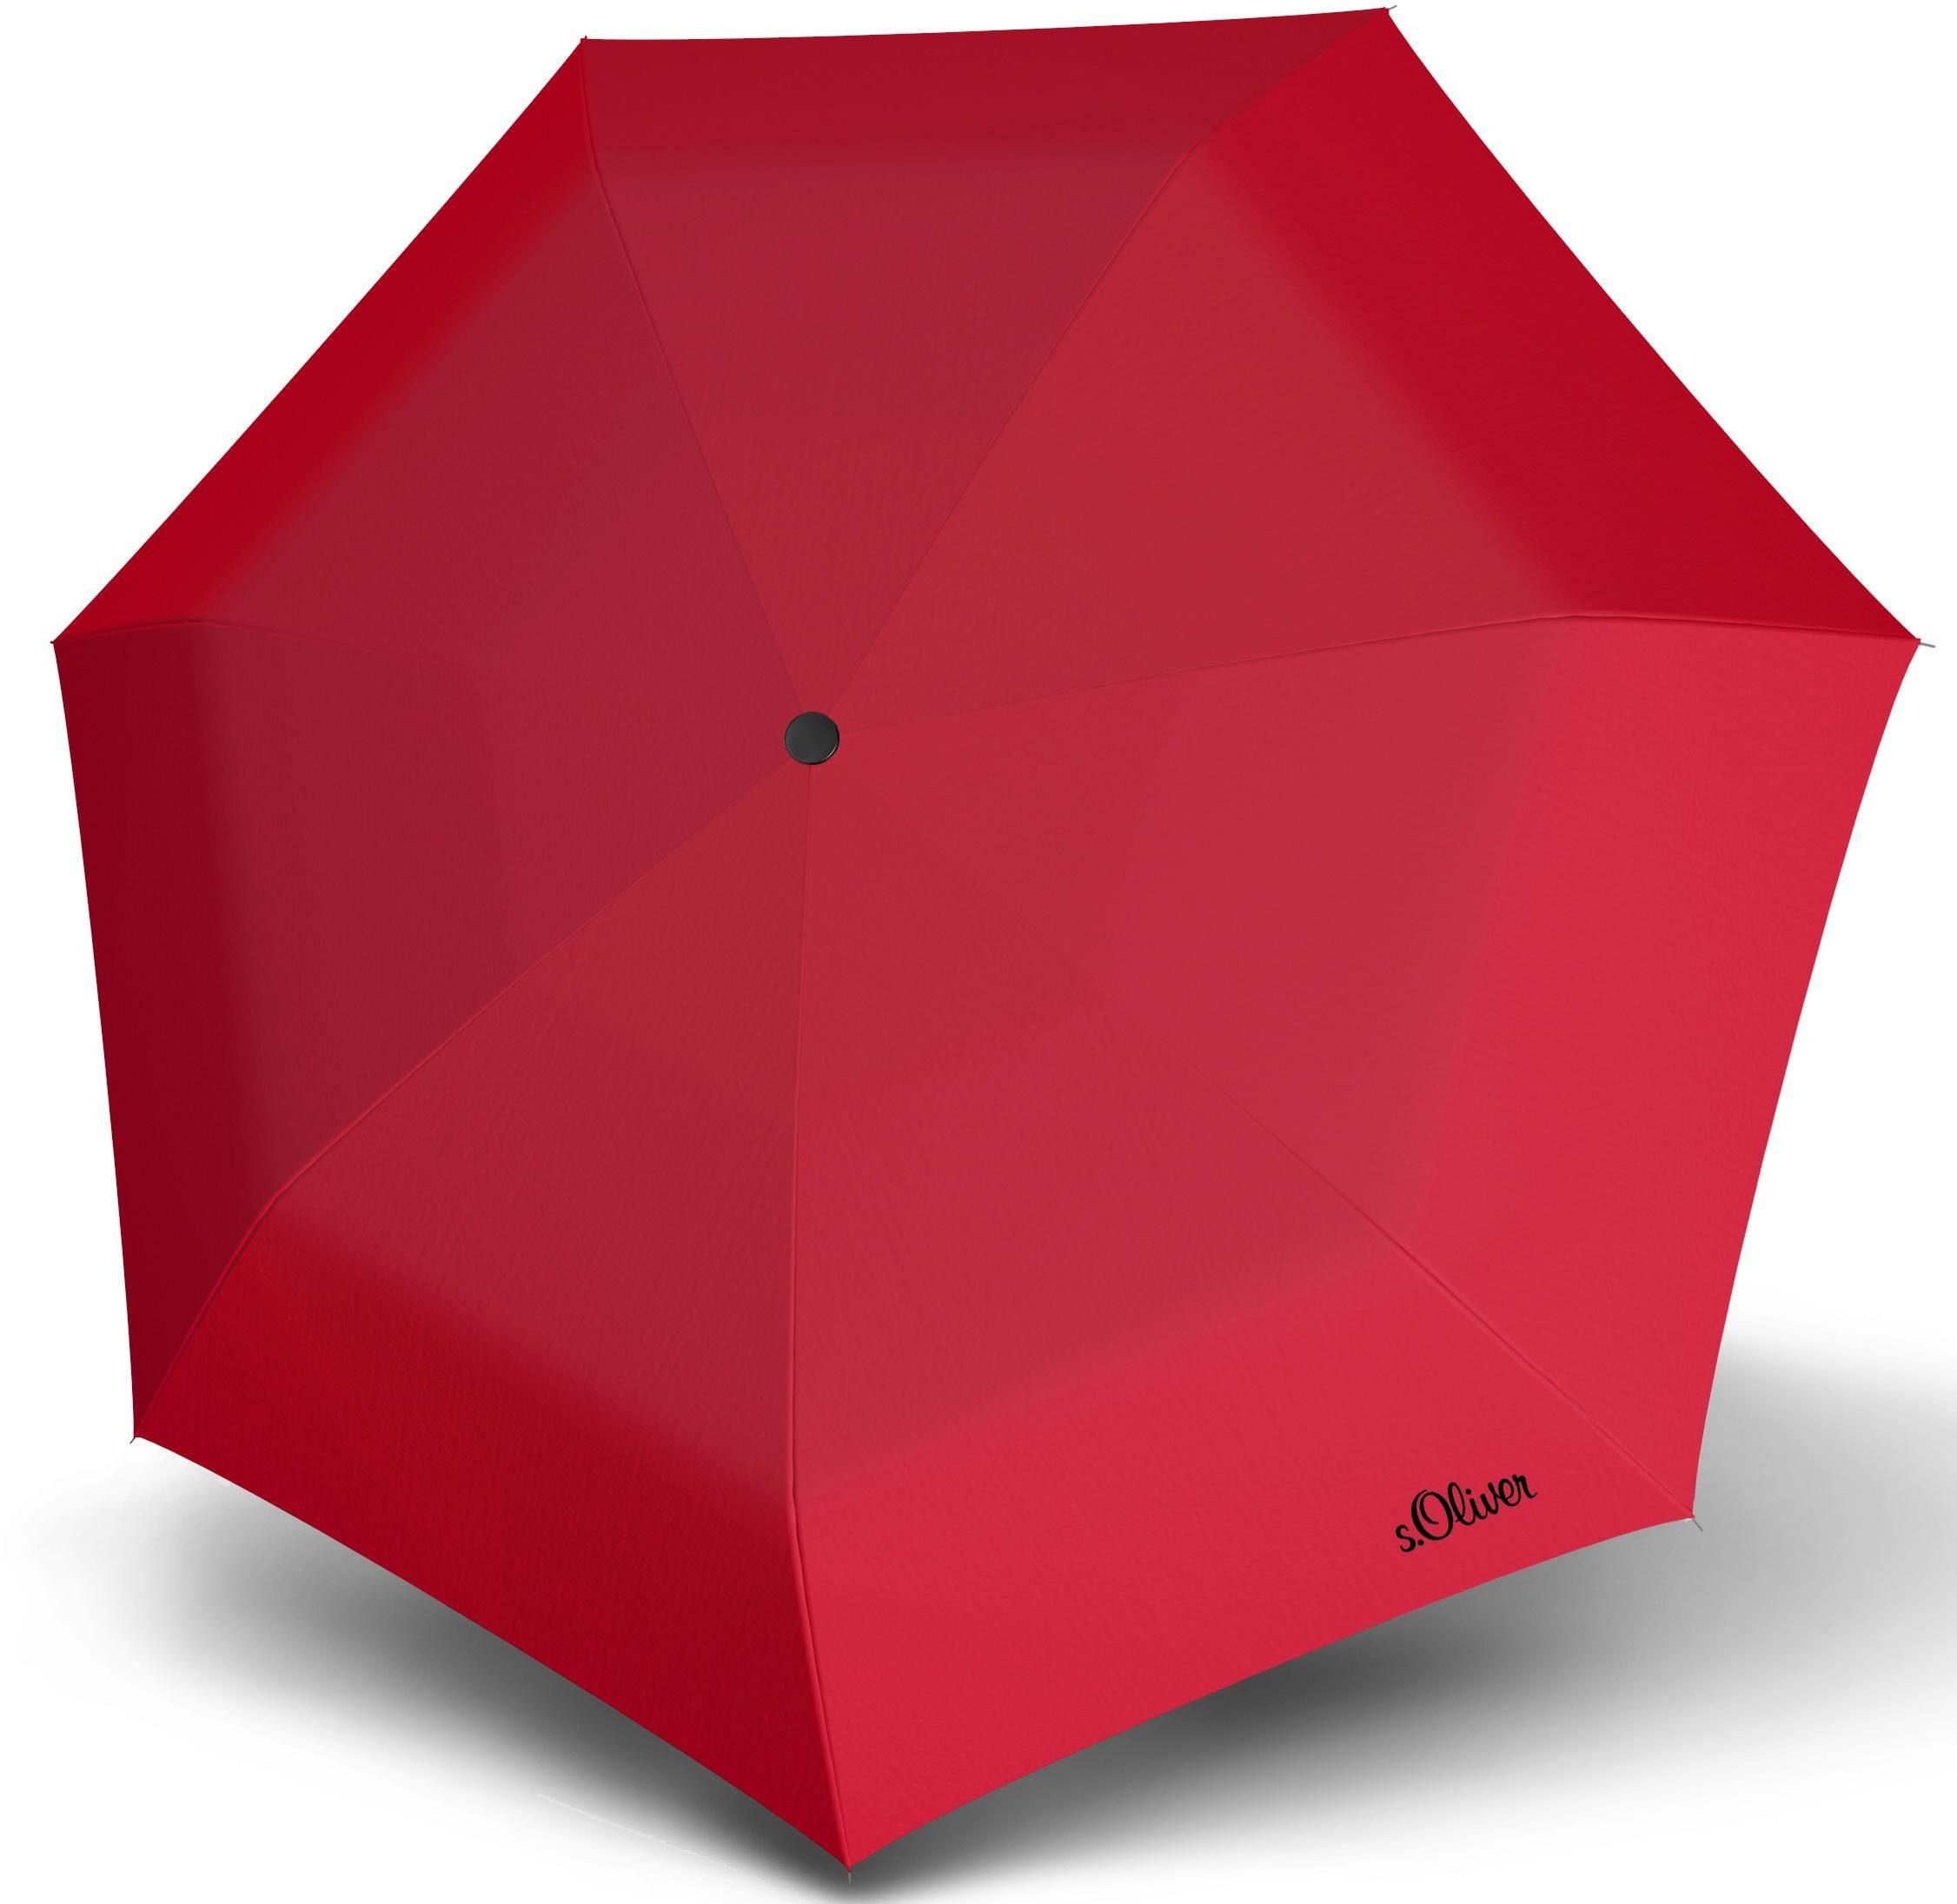 s.Oliver Taschenregenschirm Impact Taschenschirm, Red